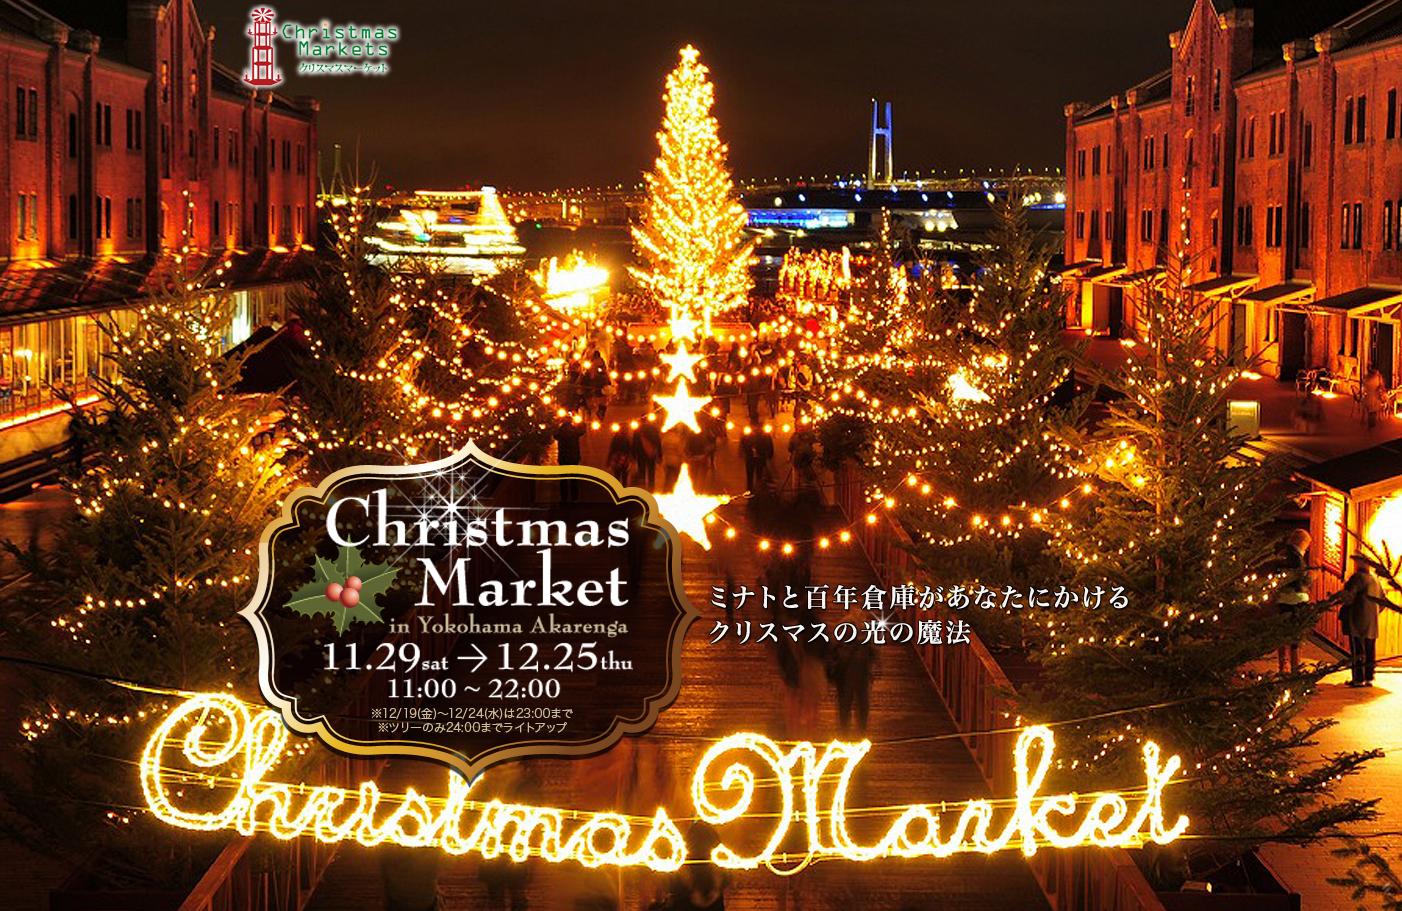 ドイツ・クリスマスマーケットが日本の11箇所で楽しめる!